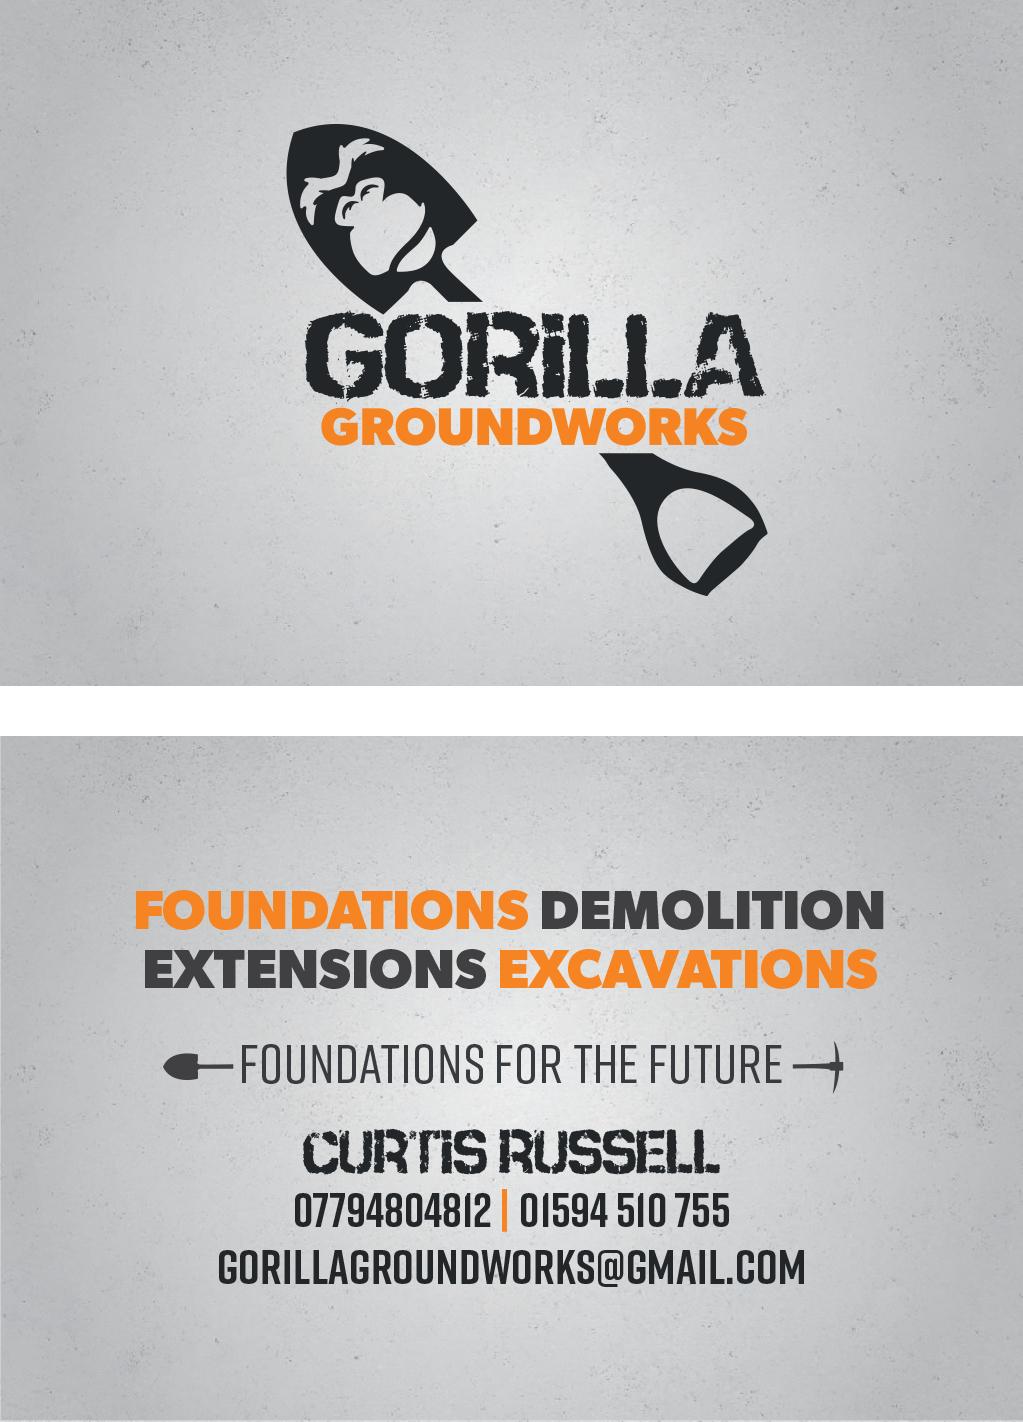 GorillaGroundworks-BusinessCard.jpg